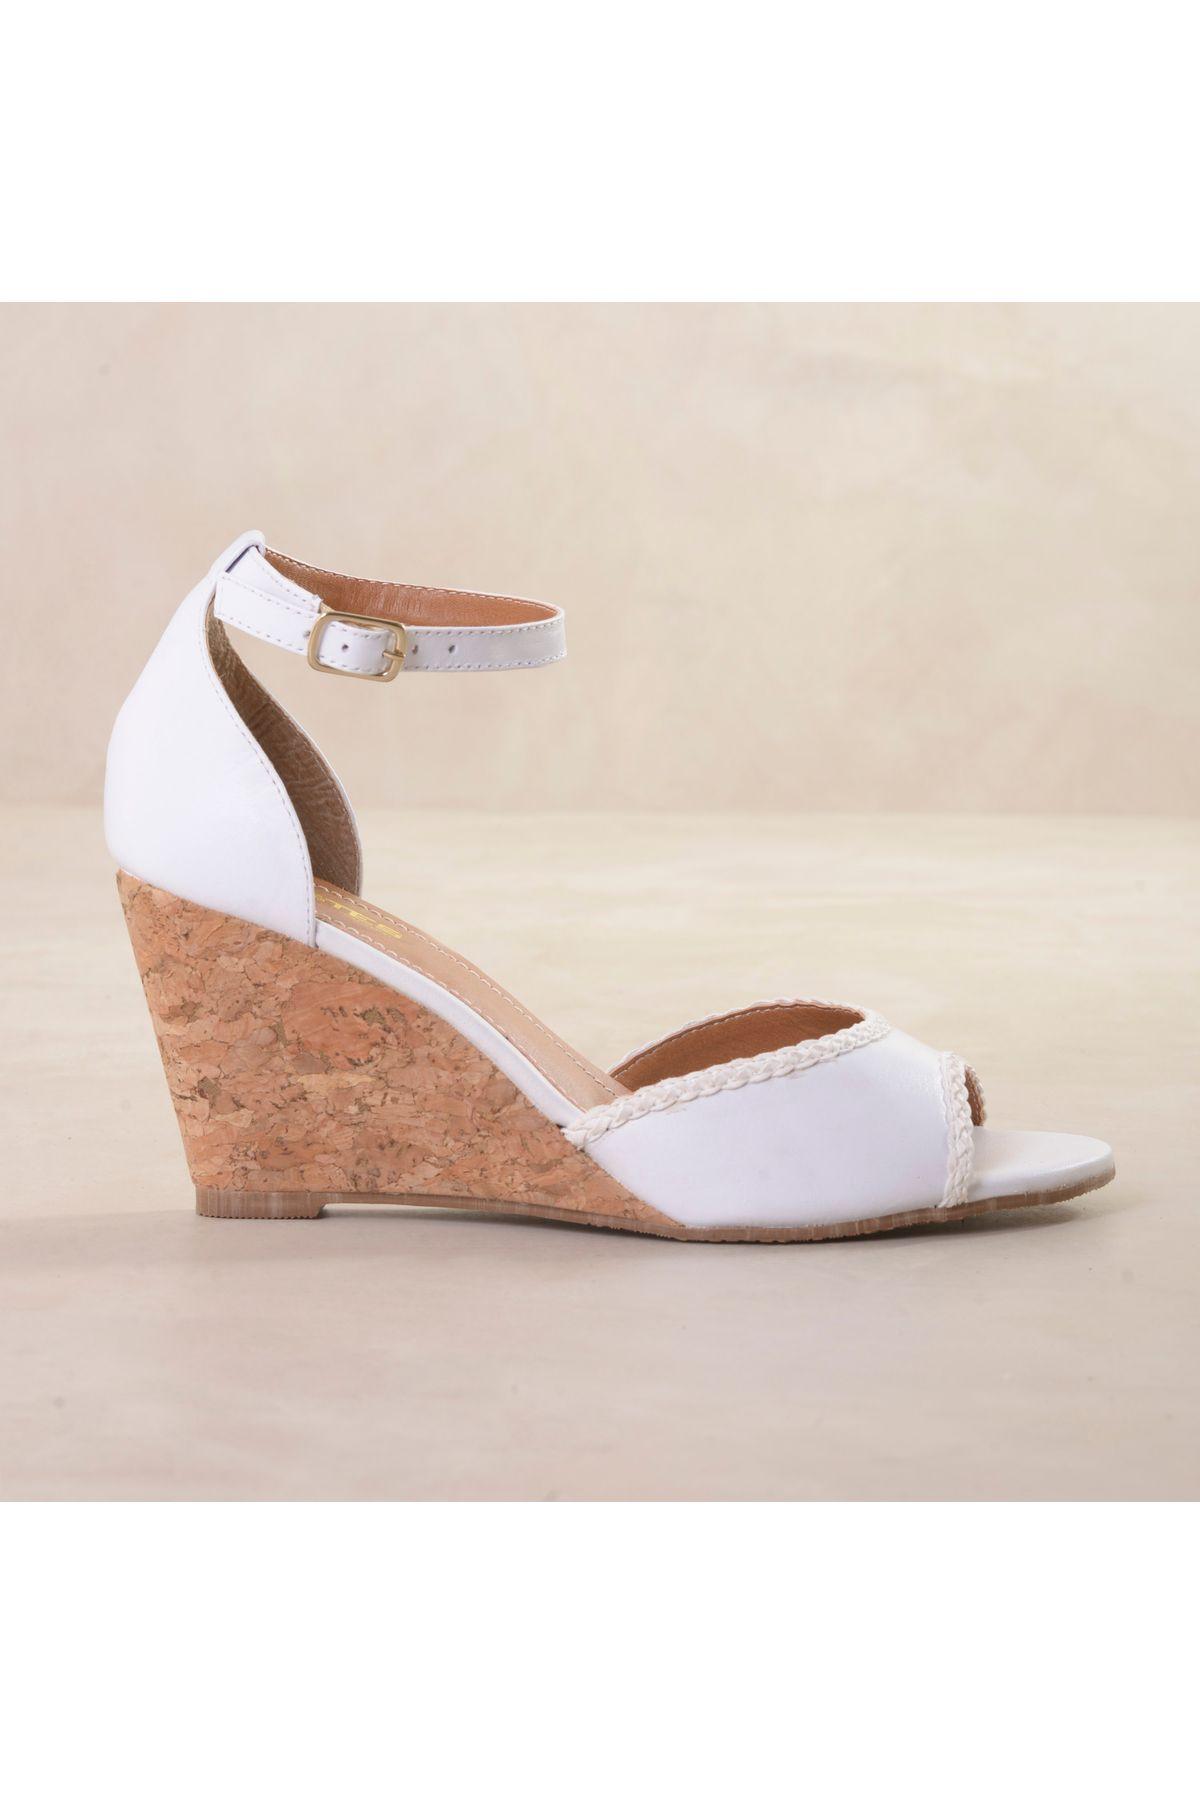 b386425463983 Sandália Anabela Costes Merch   Mundial Calçados - Mundial Calçados